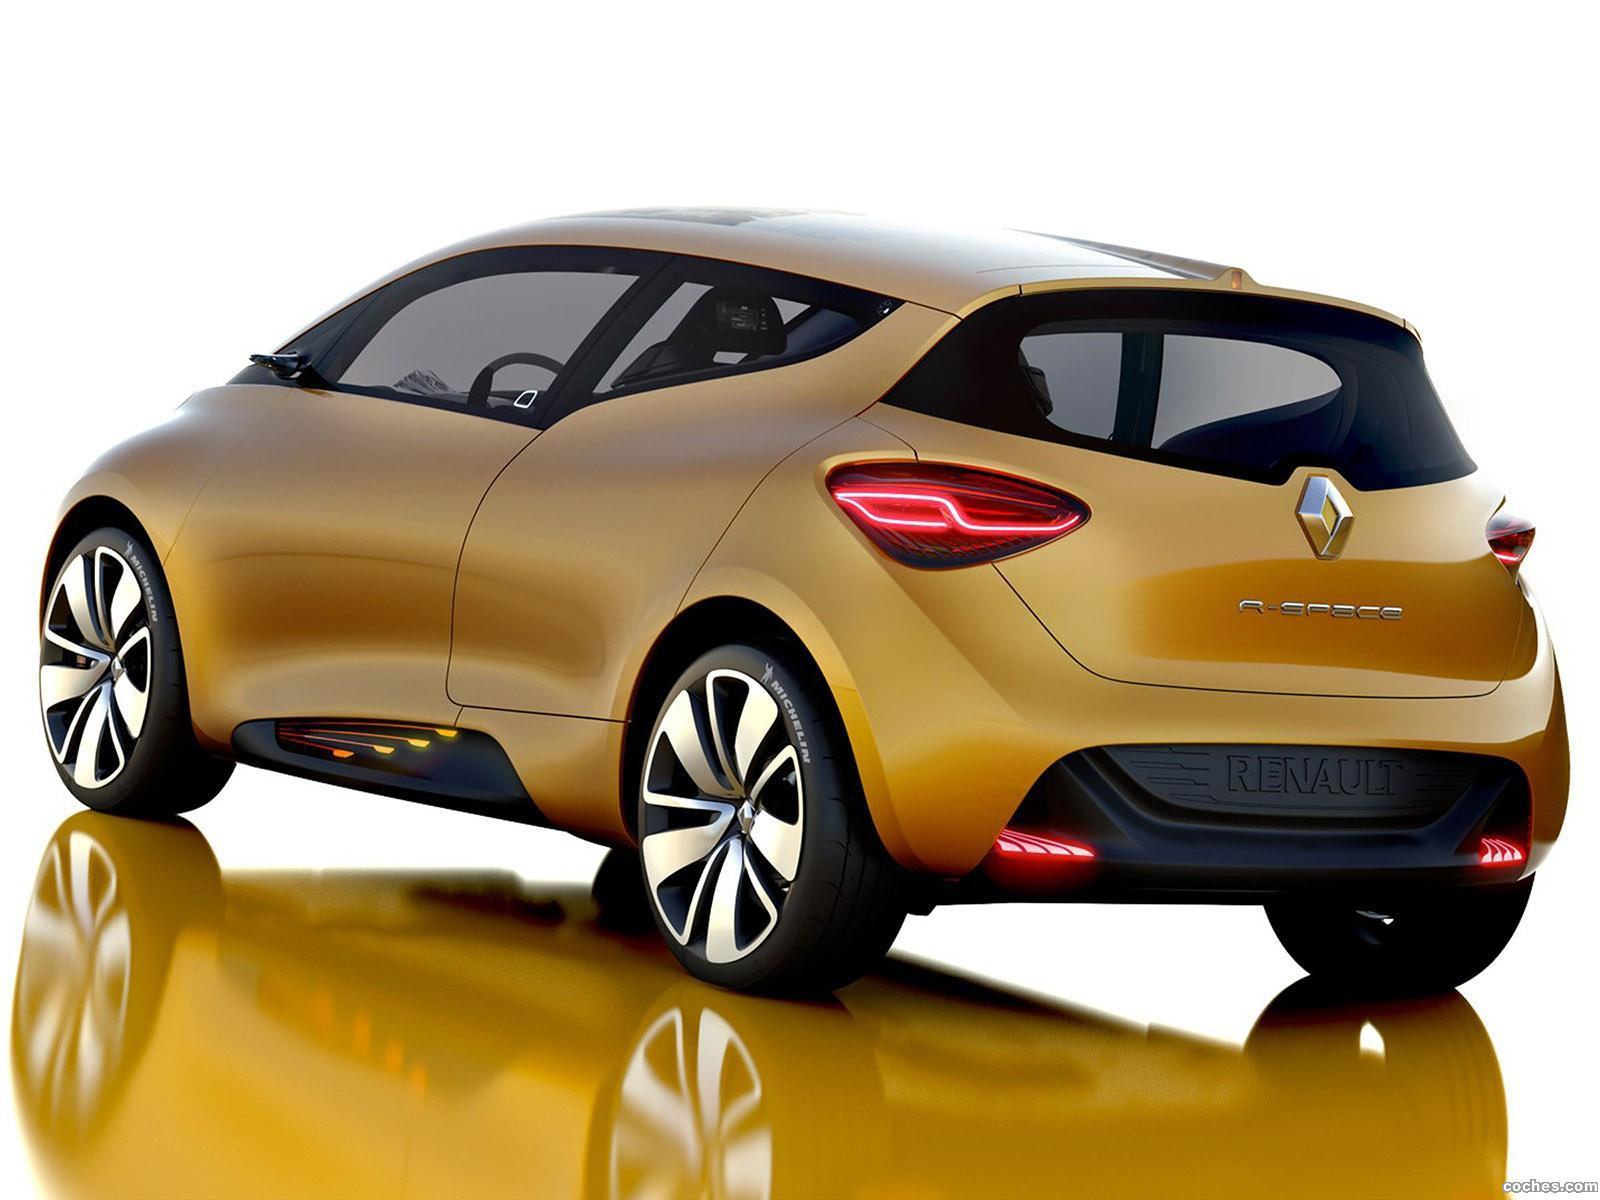 Foto 12 de Renault R-Space Concept 2011